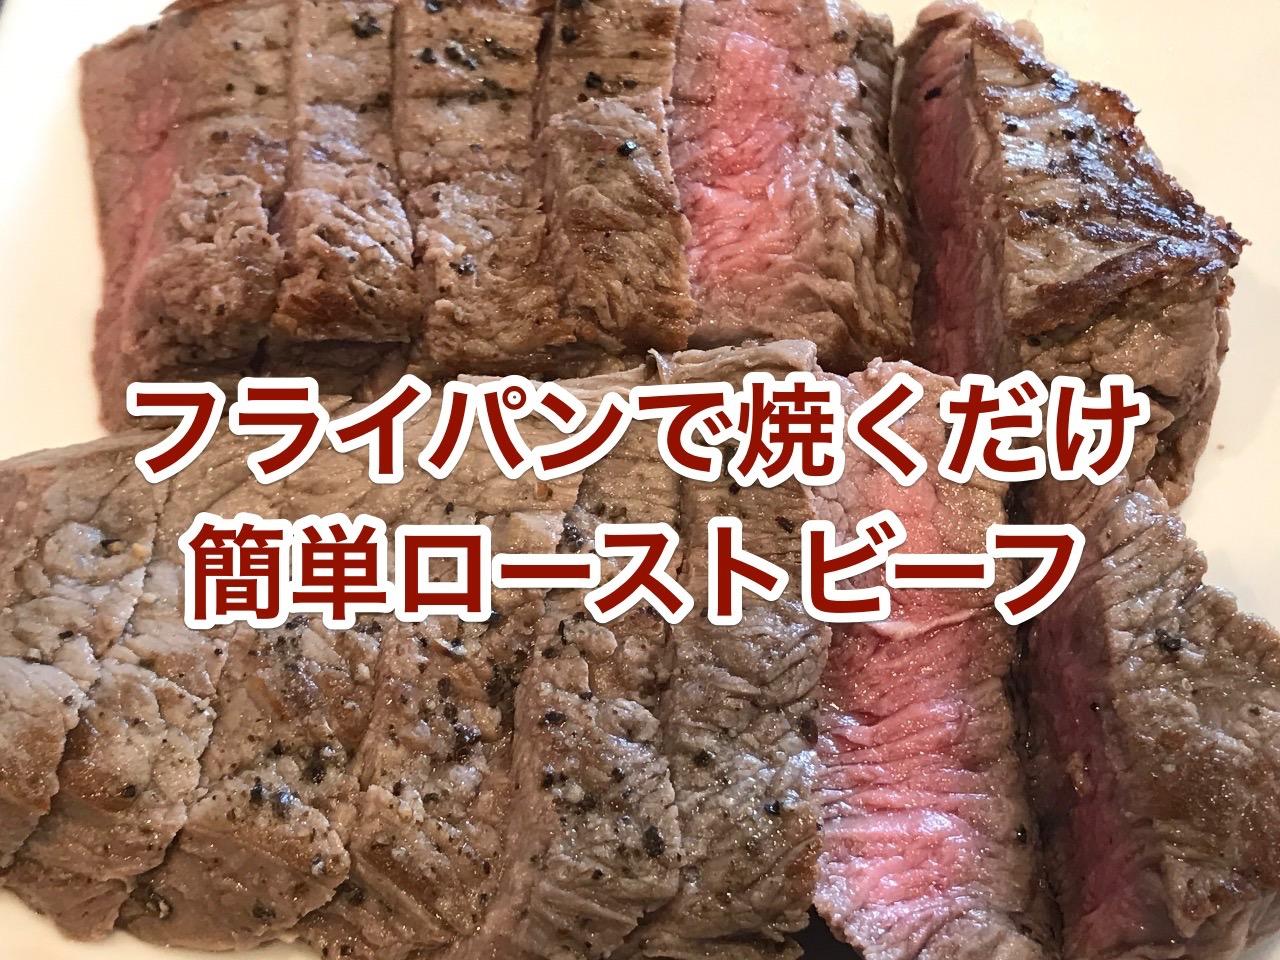 【簡単レシピ】フライパンで焼くだけローストビーフ